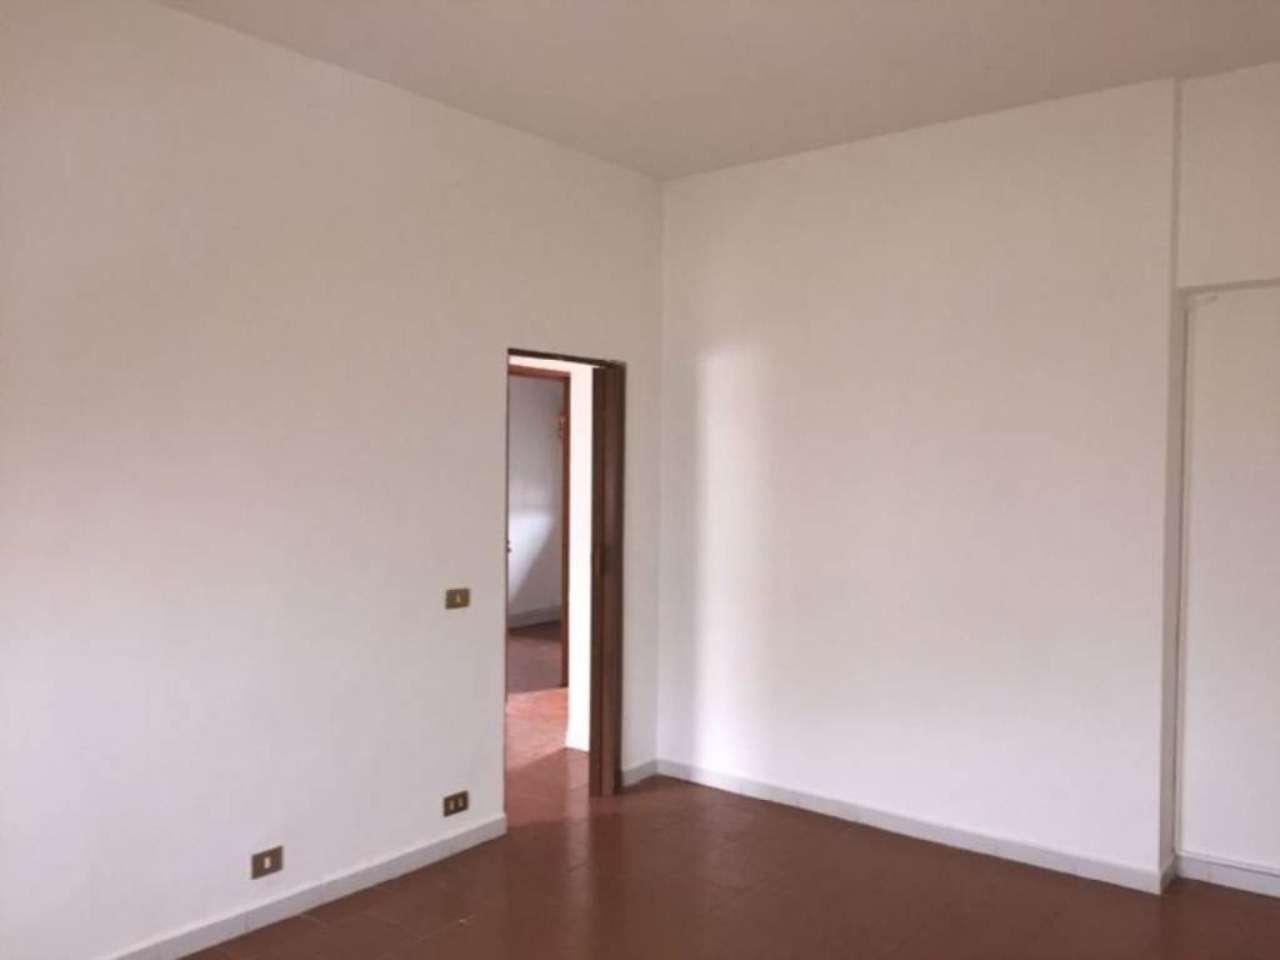 Appartamento in affitto a Truccazzano, 3 locali, prezzo € 550 | CambioCasa.it